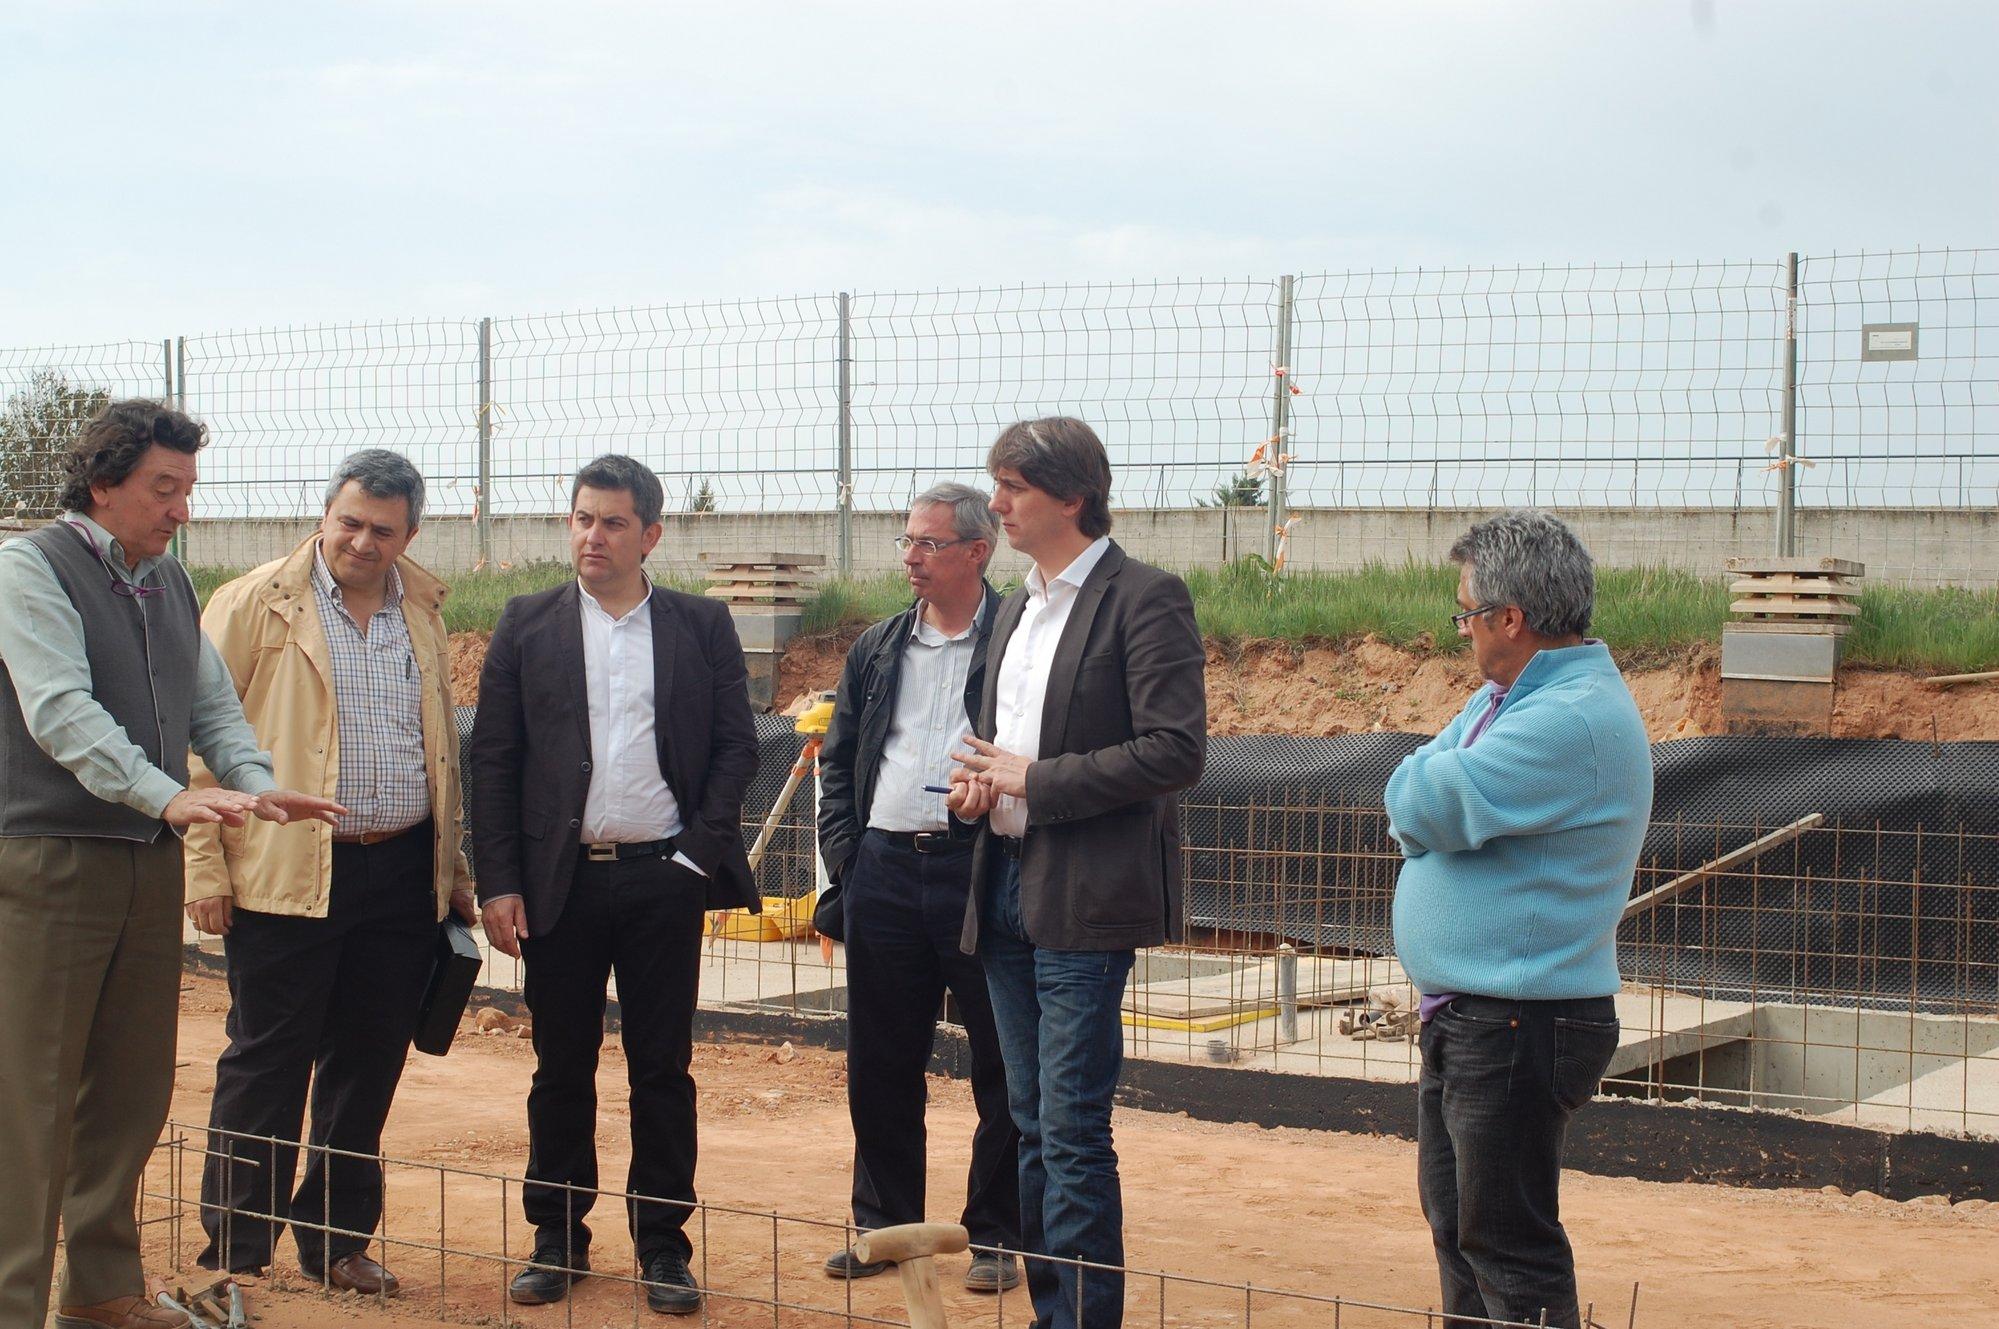 Las obras del cementerio de Soria permitirán una incremento de más de 300 unidades de enterramiento